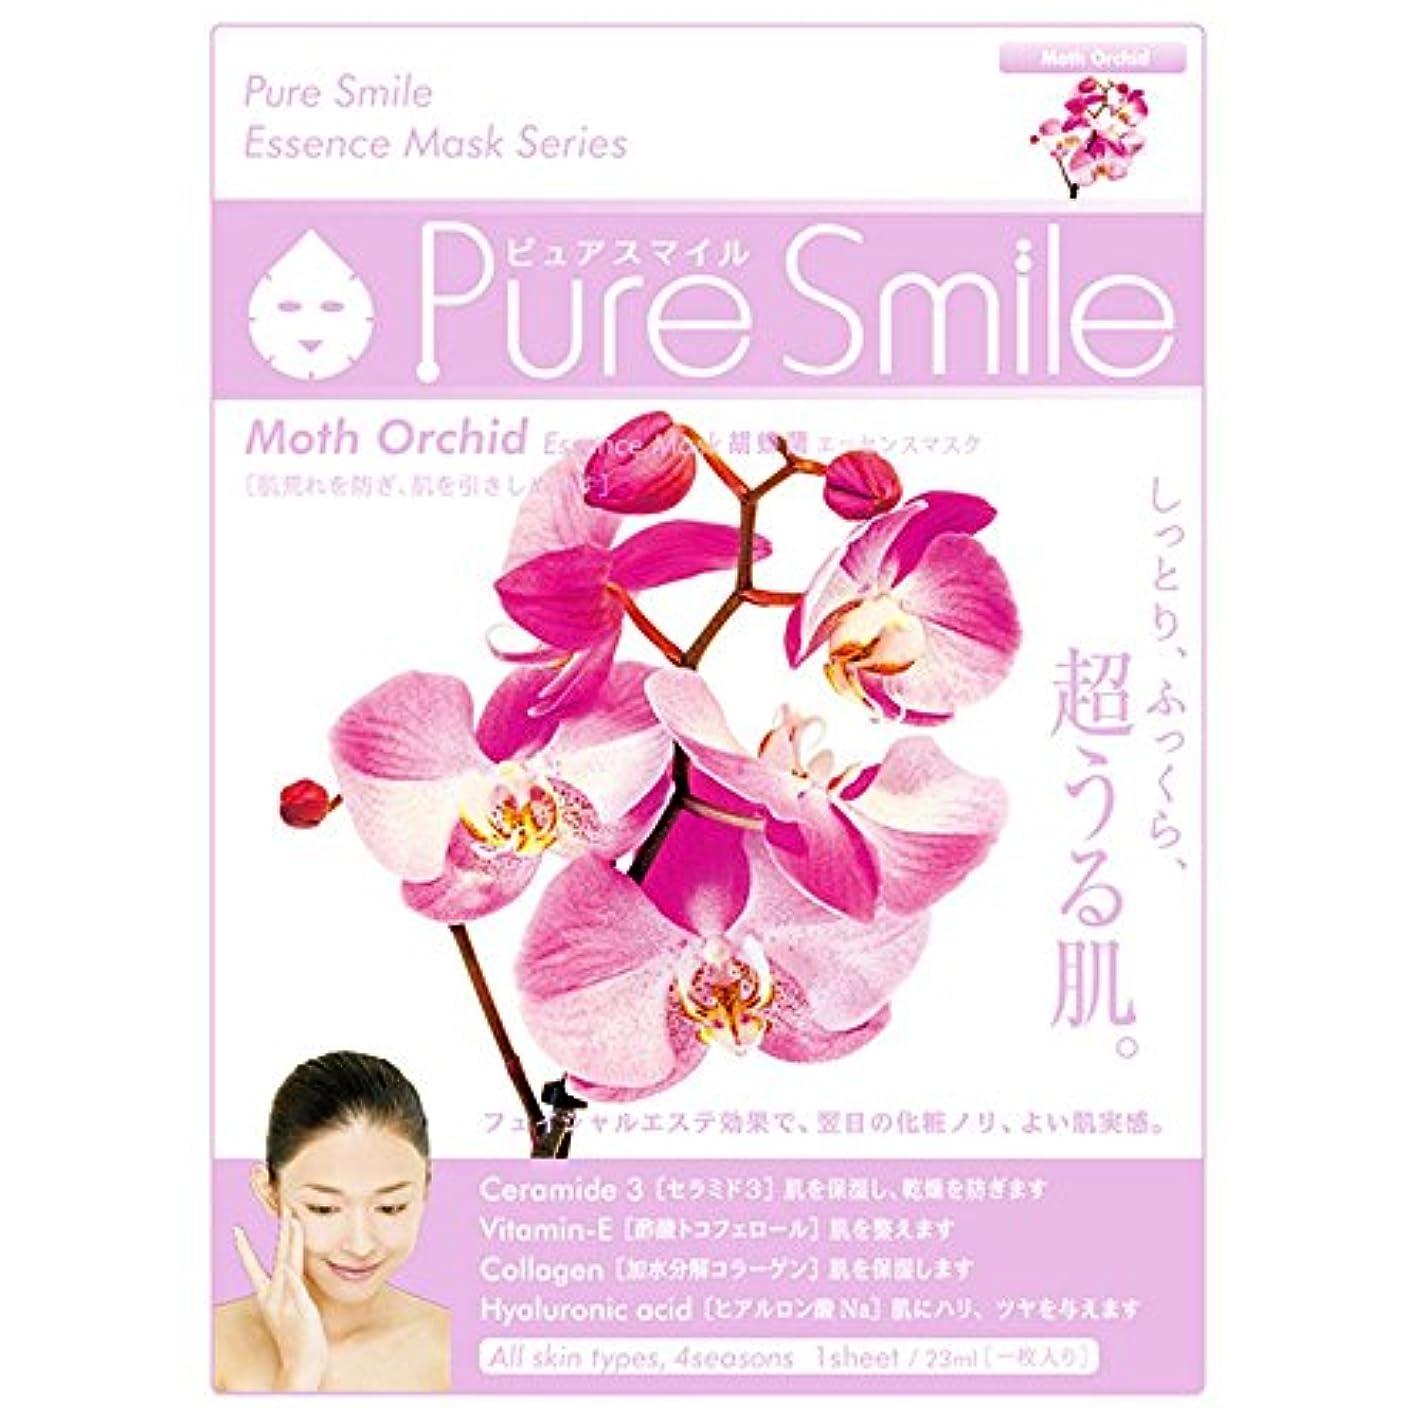 小説家グラフィック欲しいですPure Smile/ピュアスマイル エッセンス/フェイスマスク 『Moth Orchid/胡蝶蘭』